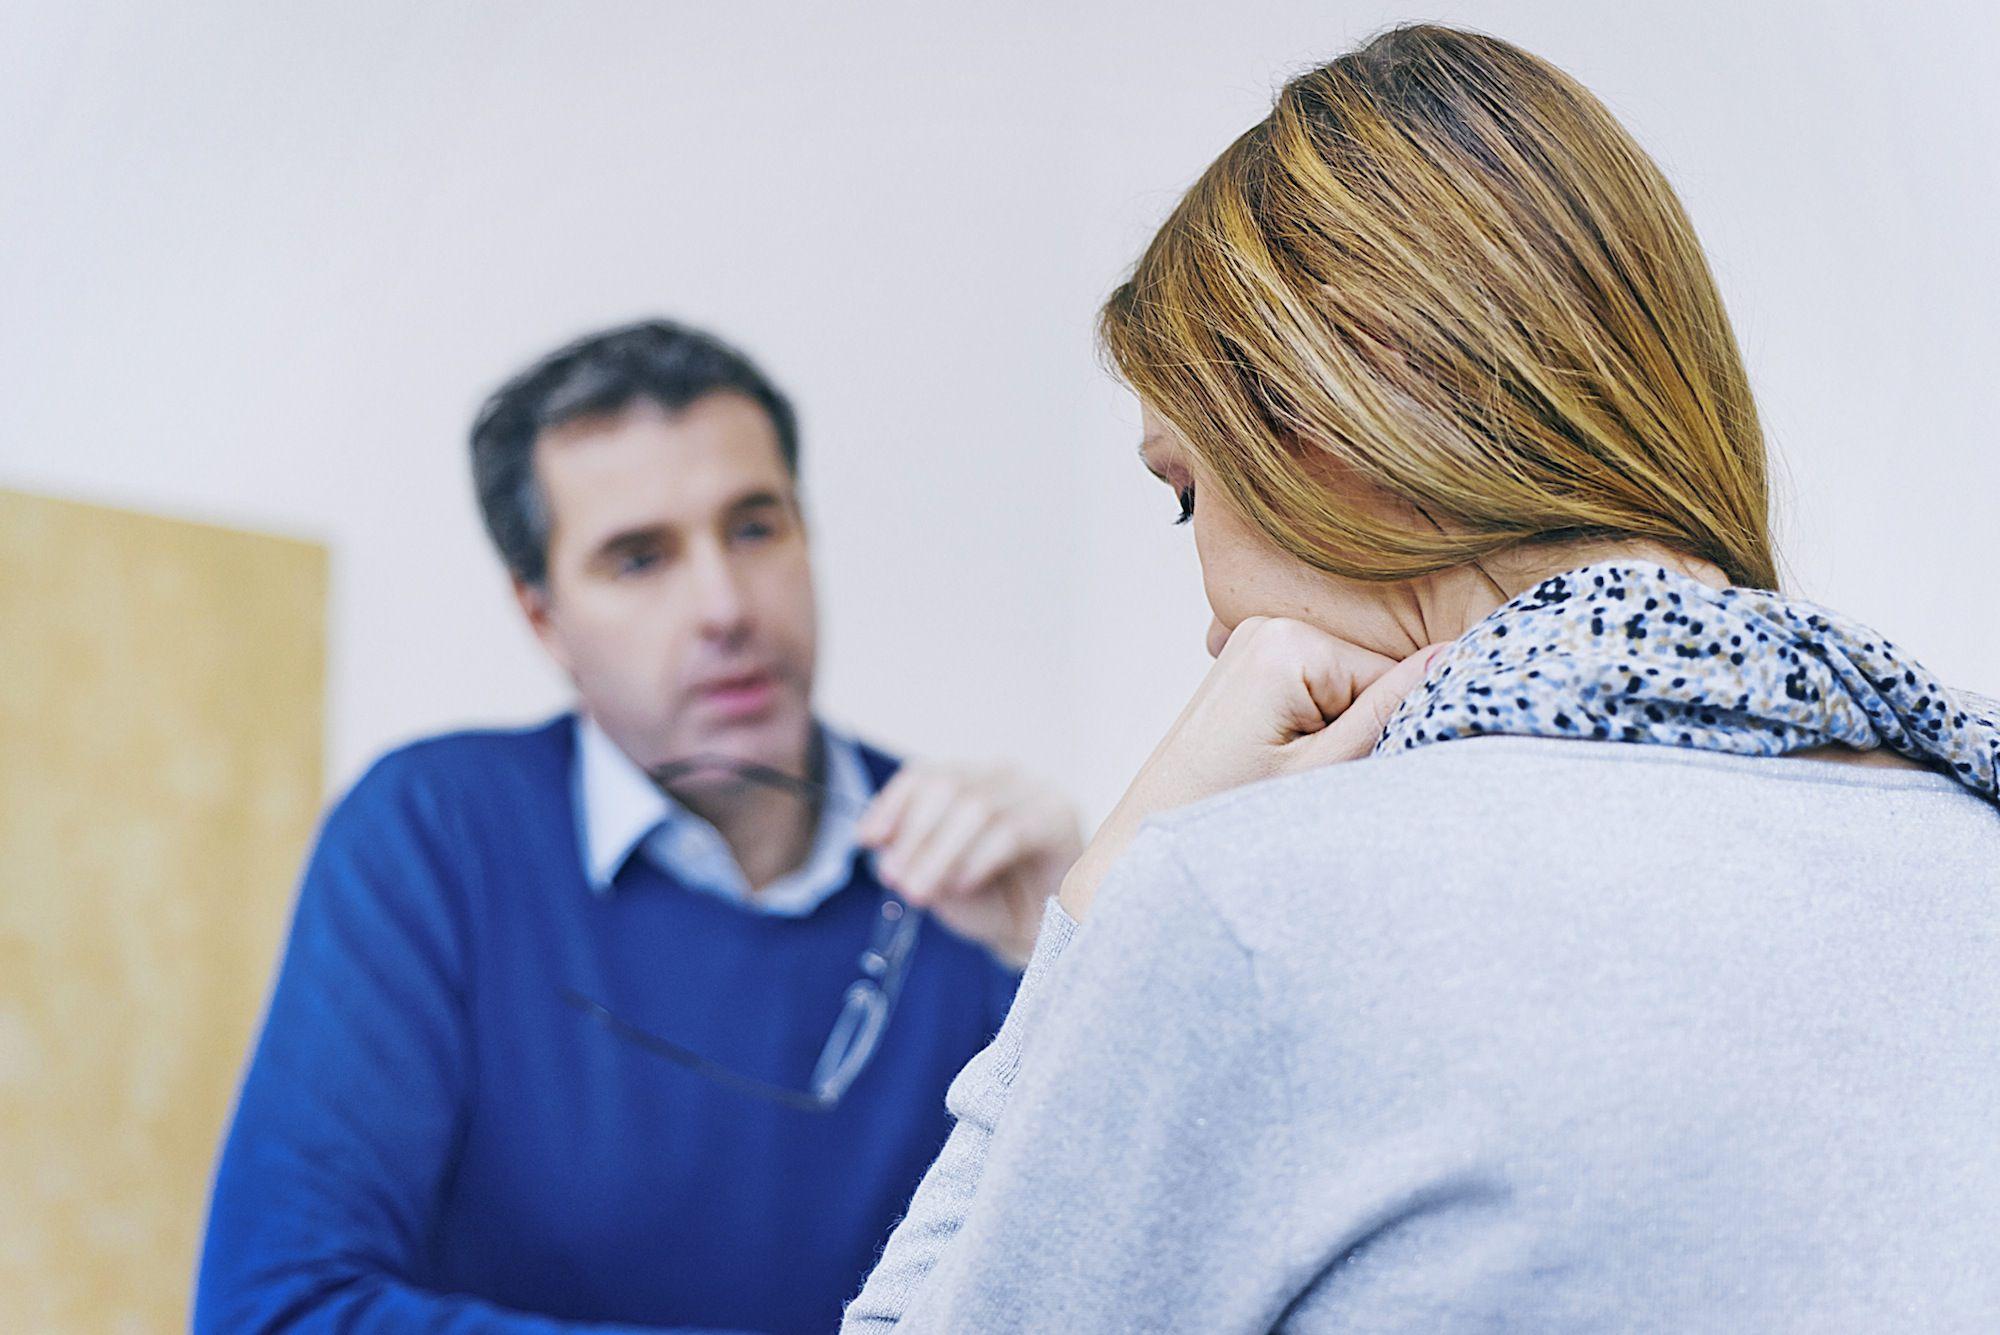 В чем разница между консультантом и психотерапевтом?